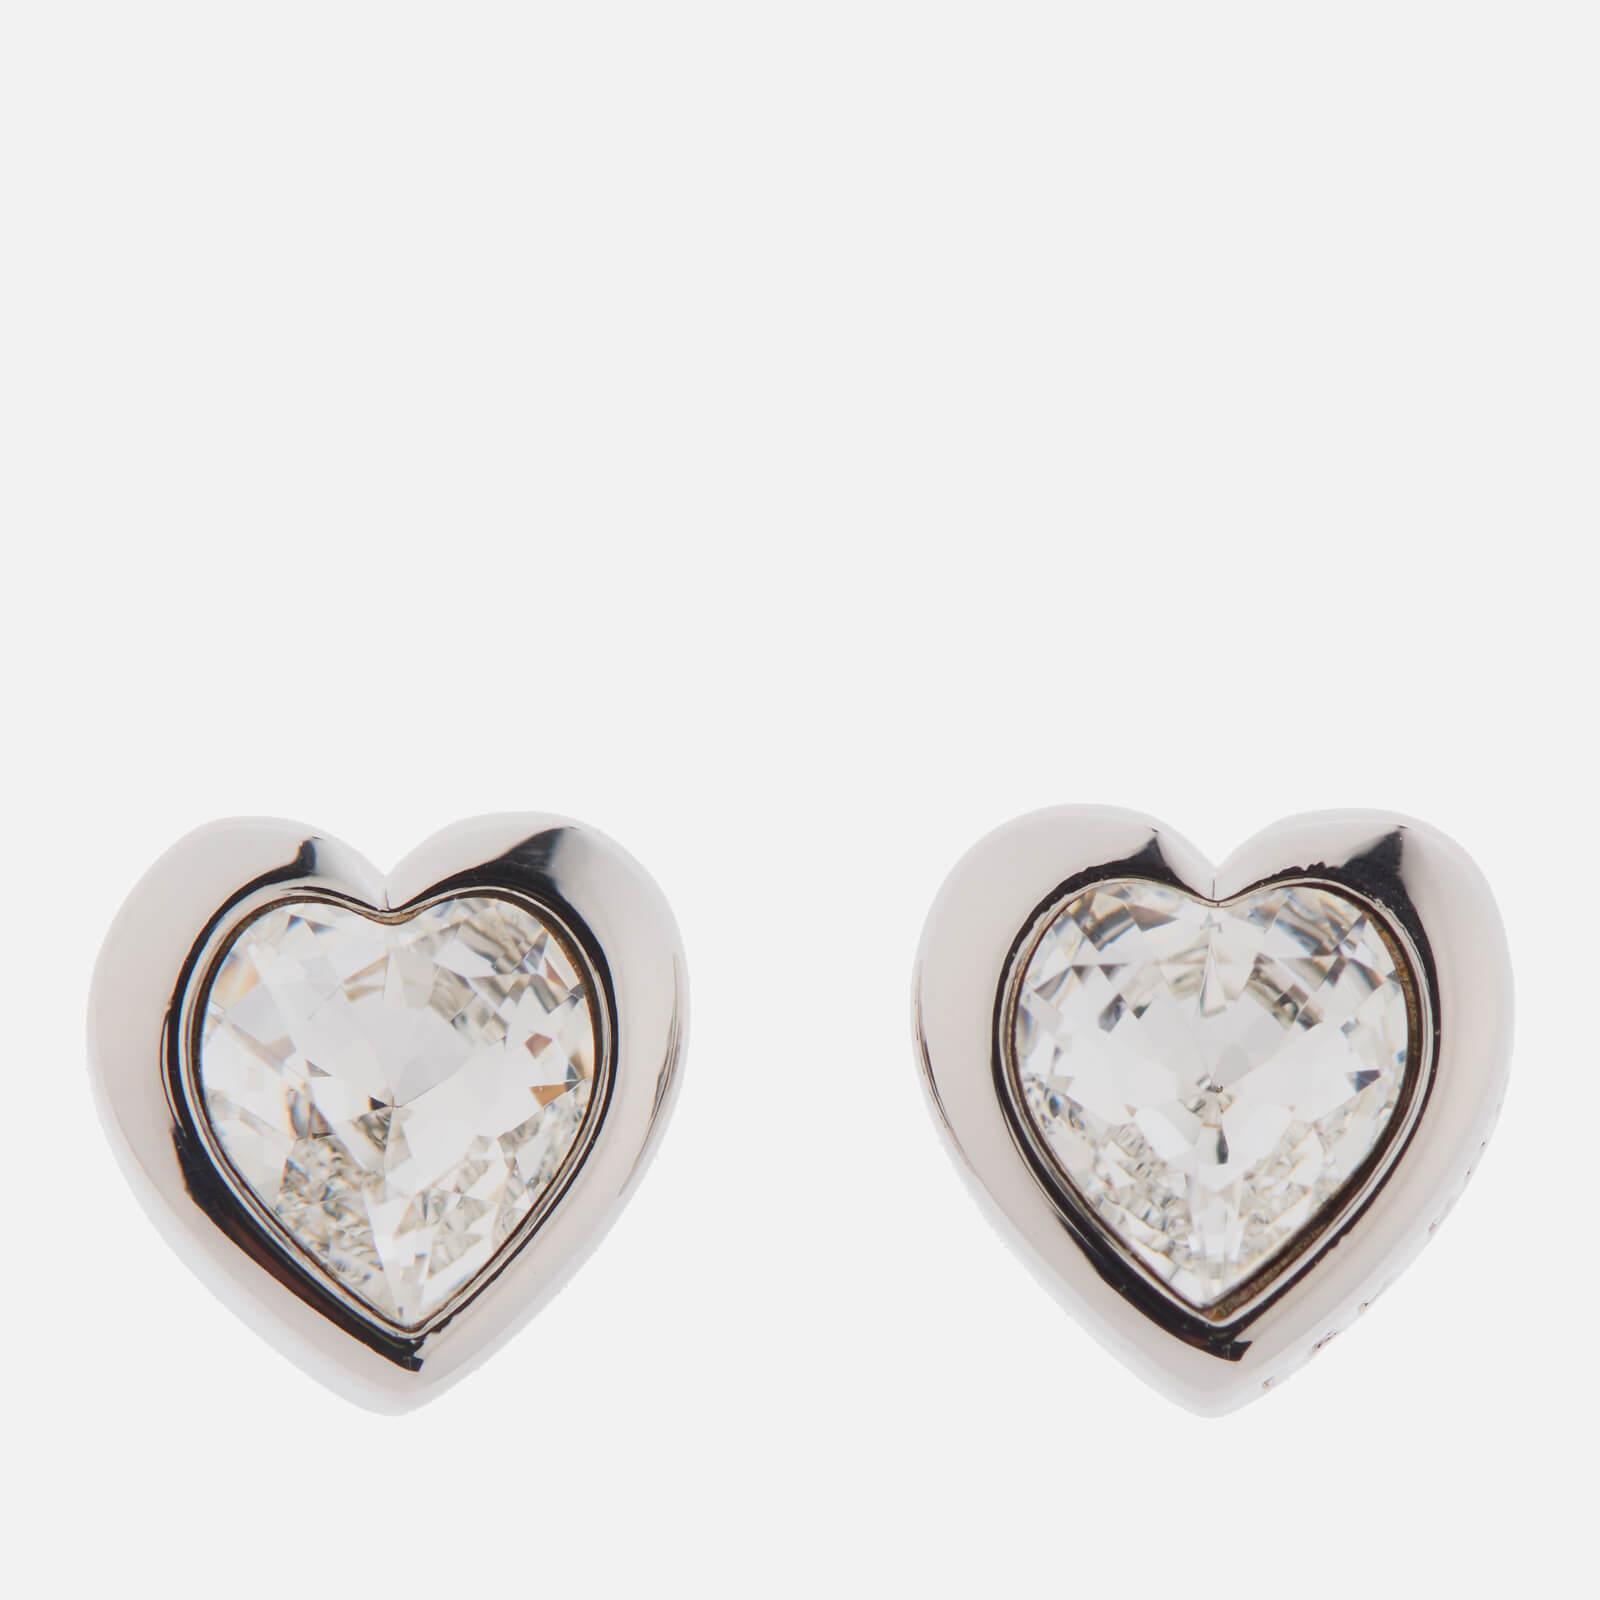 Ted Baker Women's Han Swarovski Crystal Heart Earrings - Silver/Crystal